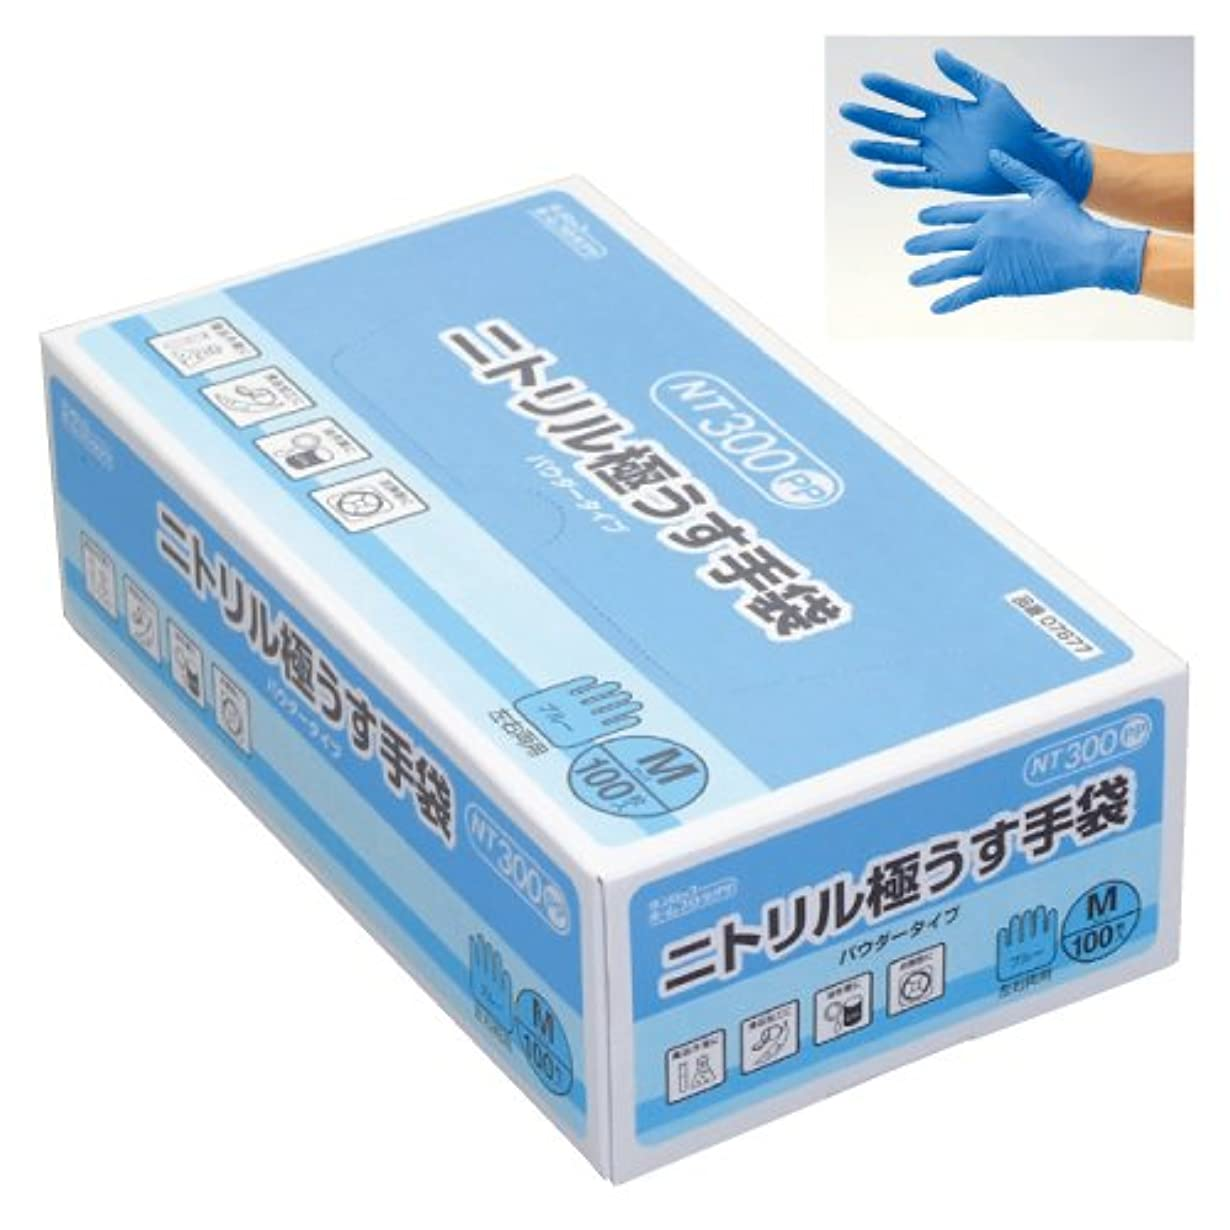 ピザスピン行列ニトリル極うす手袋 NT300 (23-6073-03)